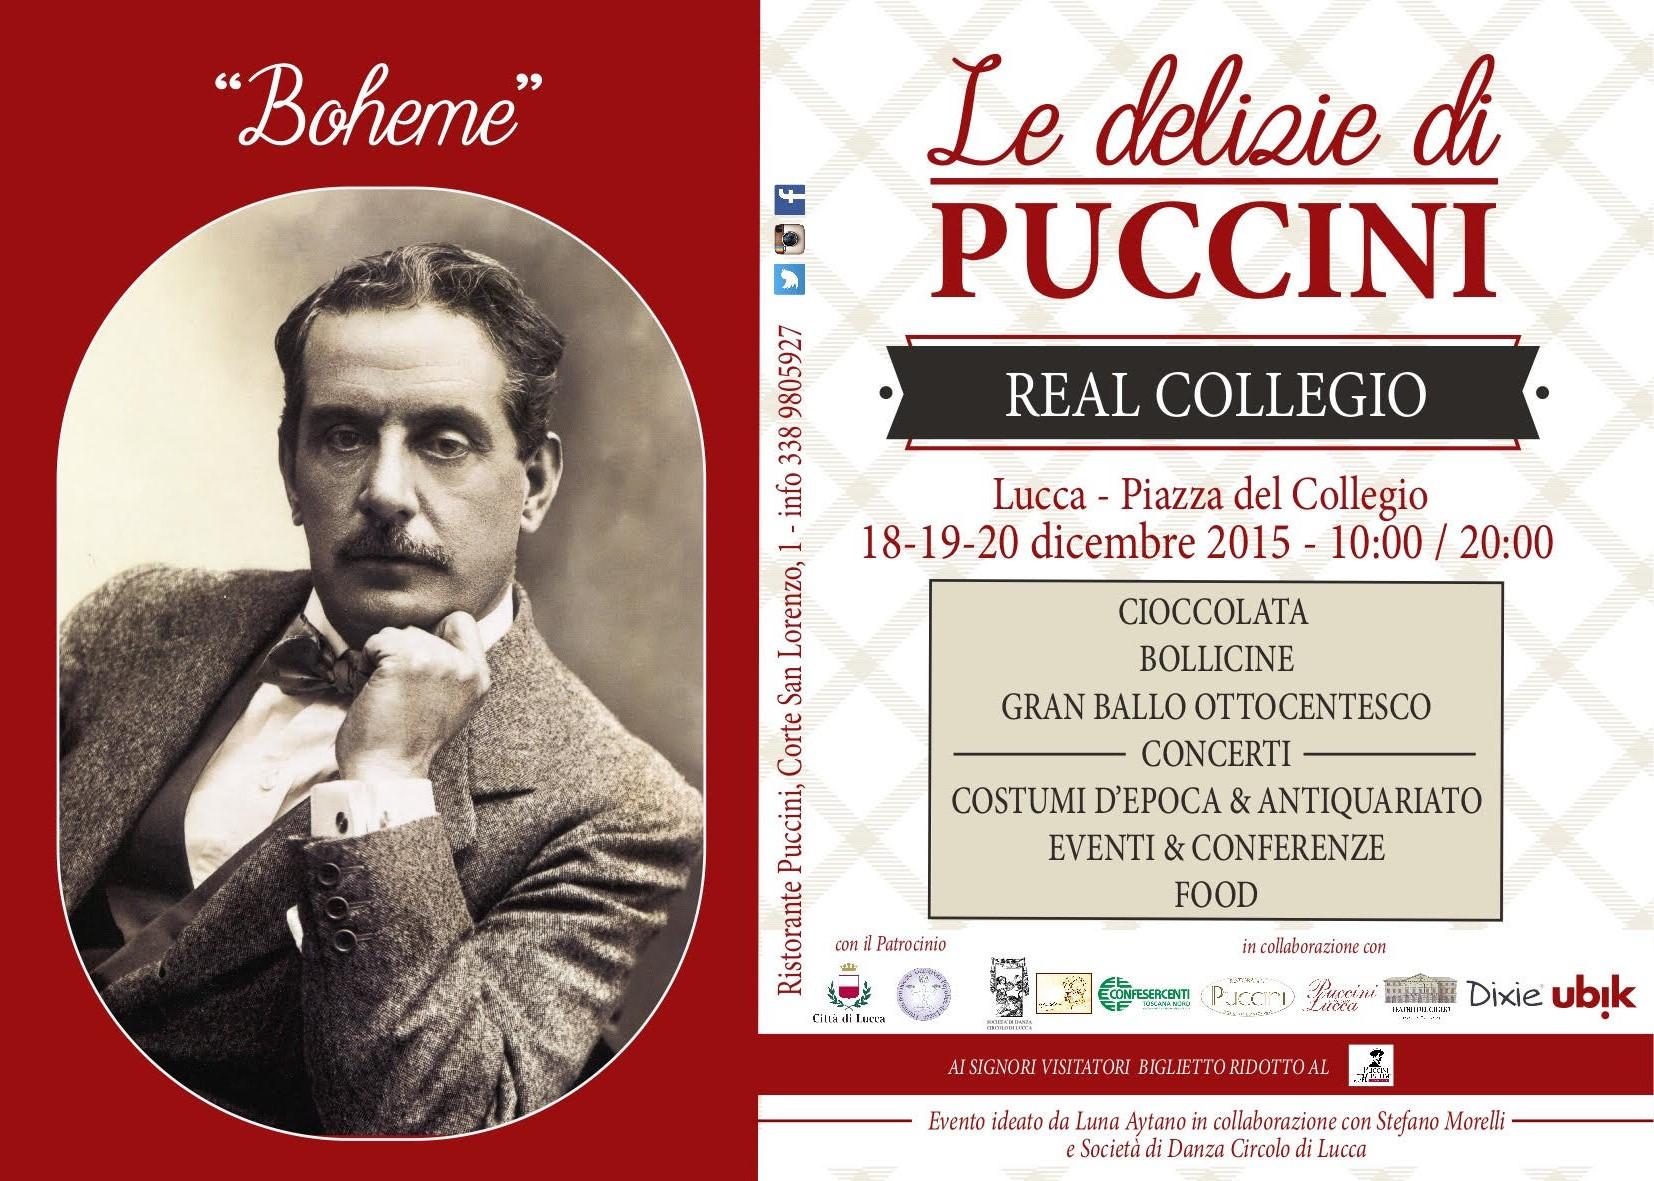 Le-delizie-di-Puccini-locandina